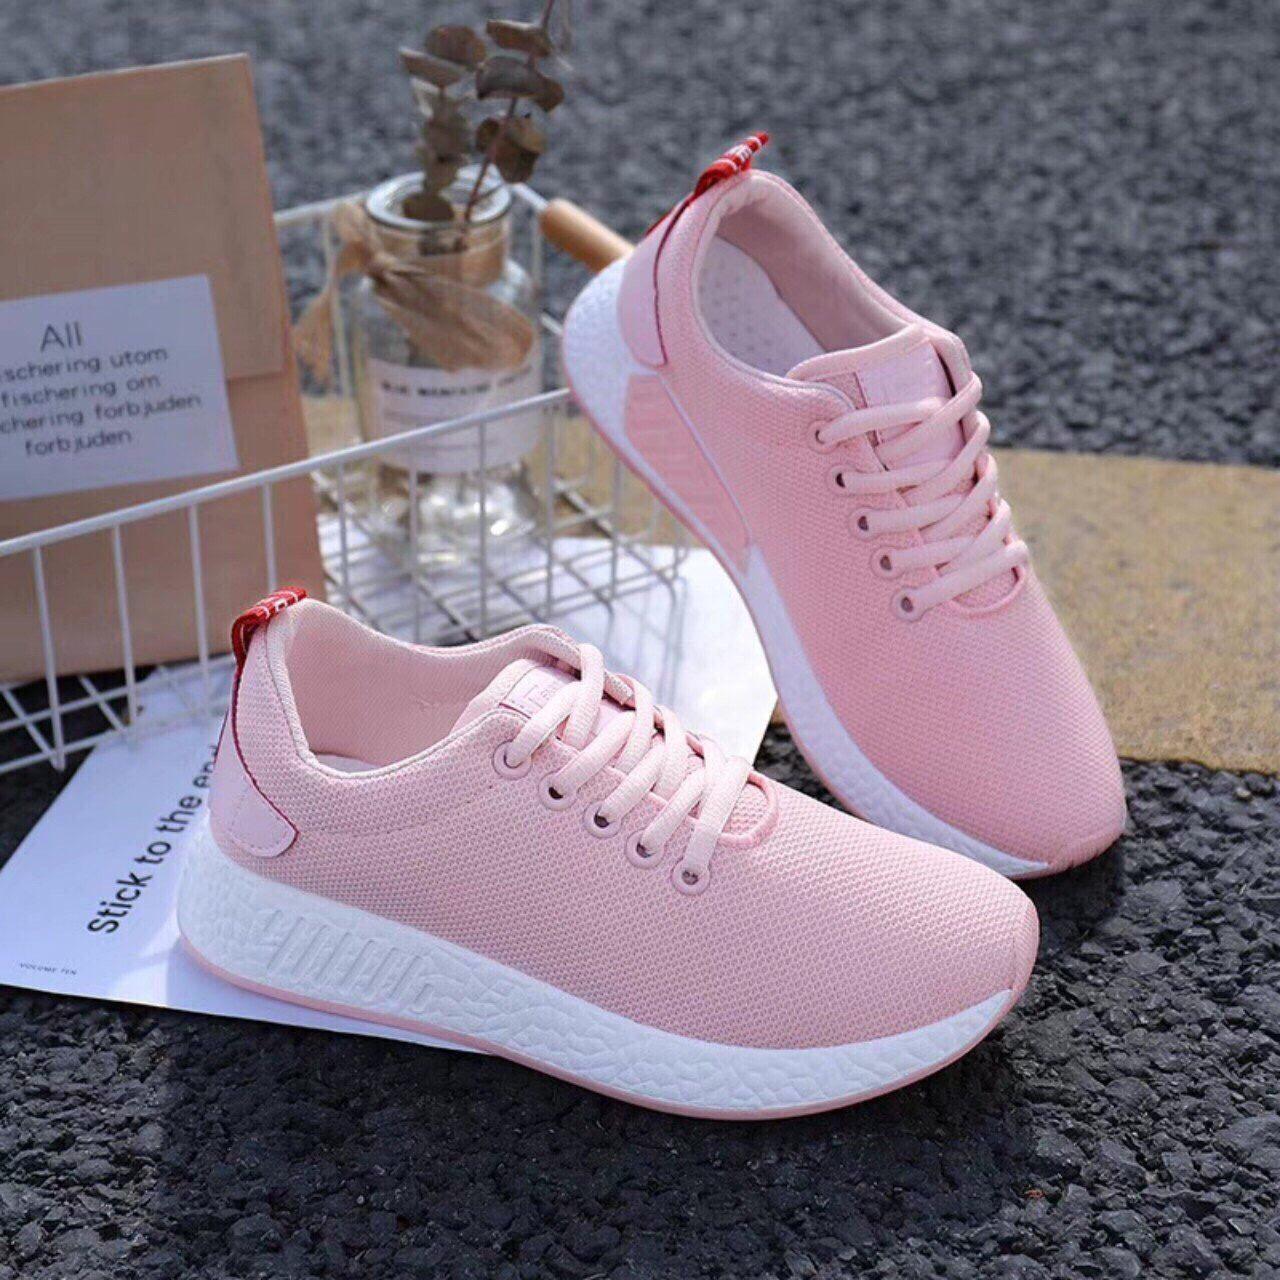 giày vải trơn